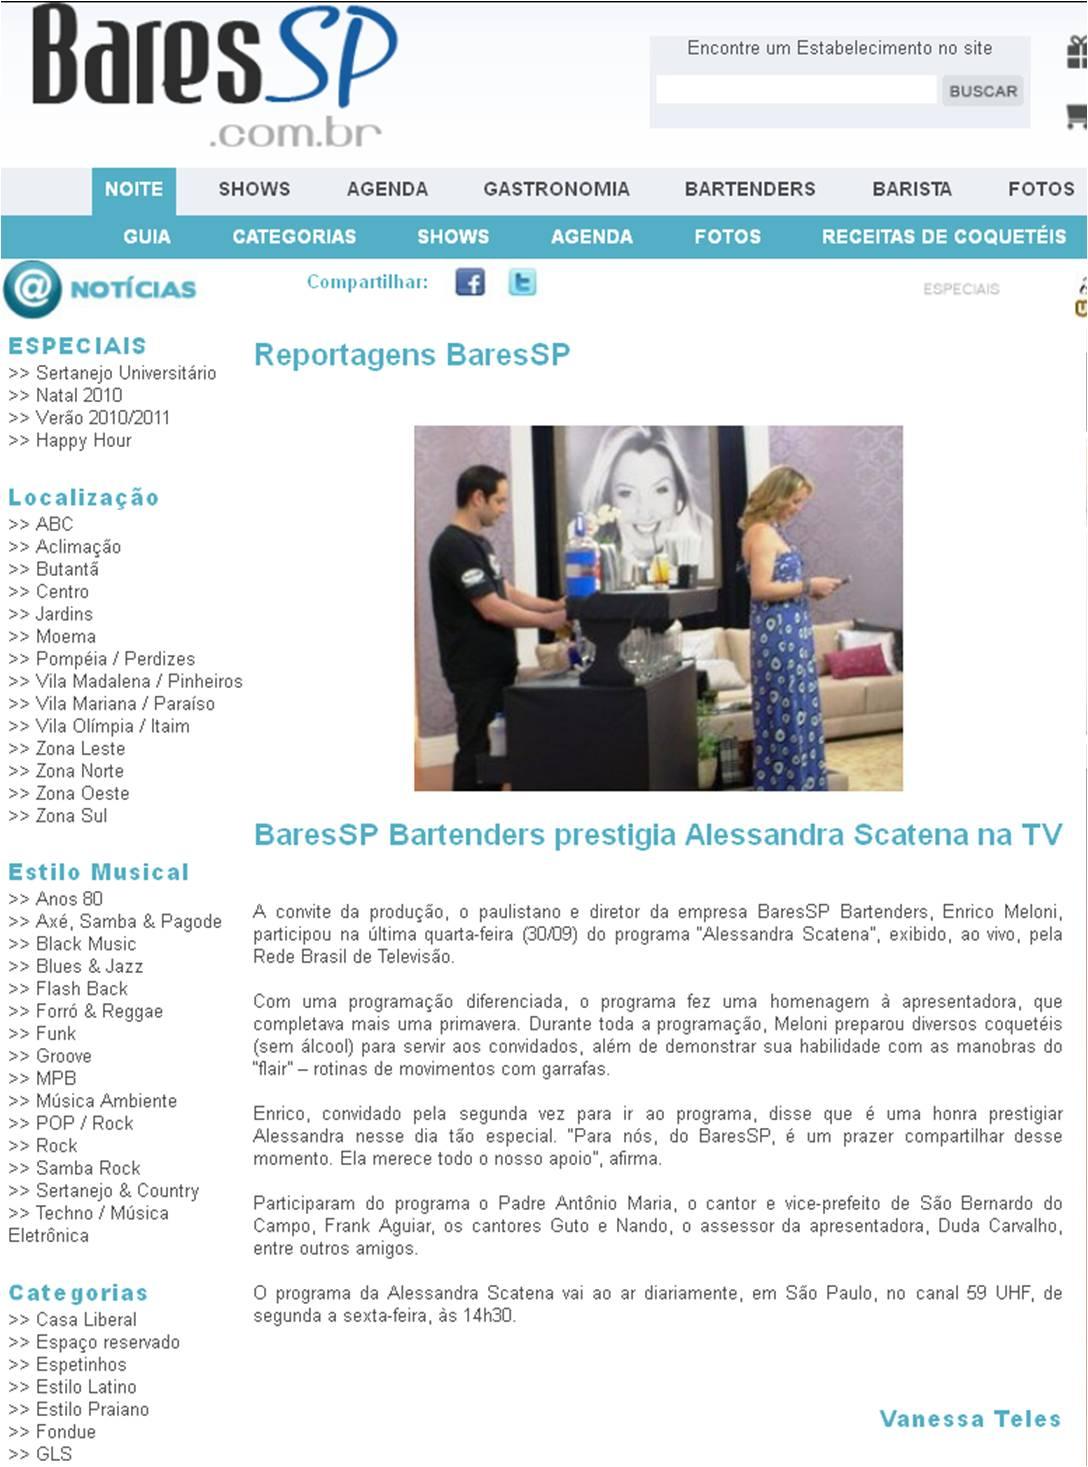 BaresSP Bartenders prestigia Alessandra Scatena na TV BaresSP image